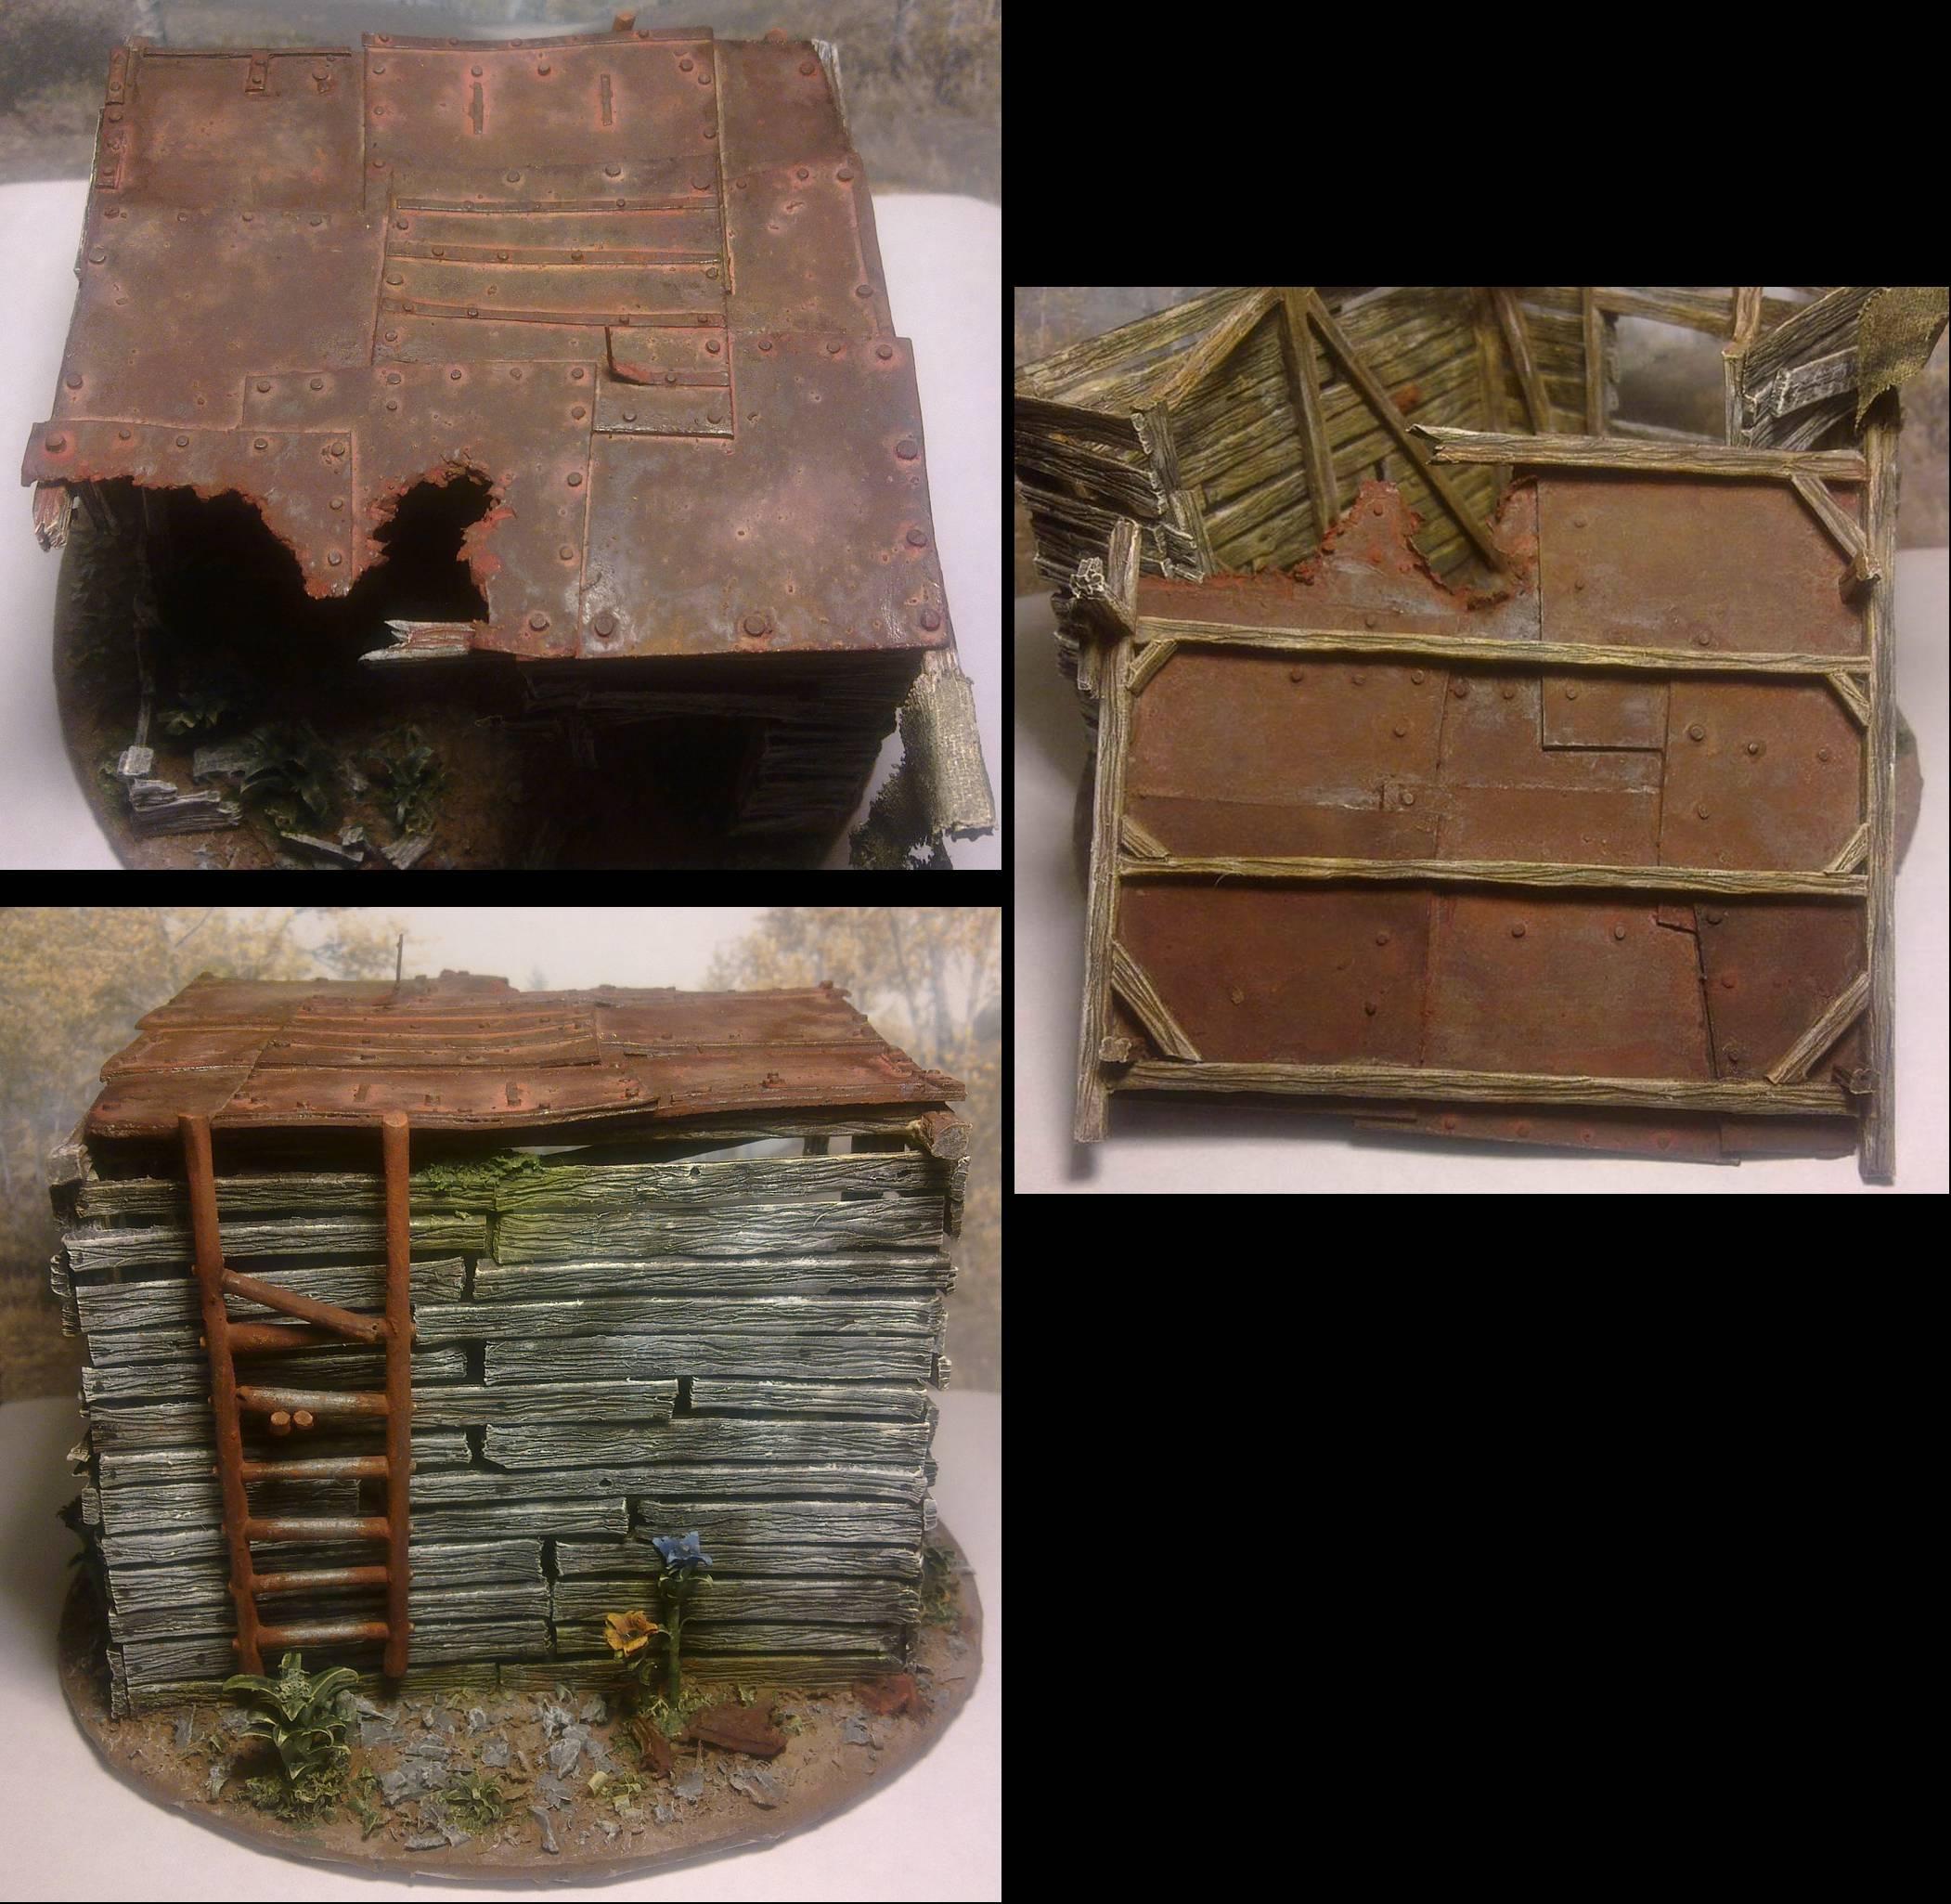 Hut, Scratch Build, Sprue, Terrain, Wood